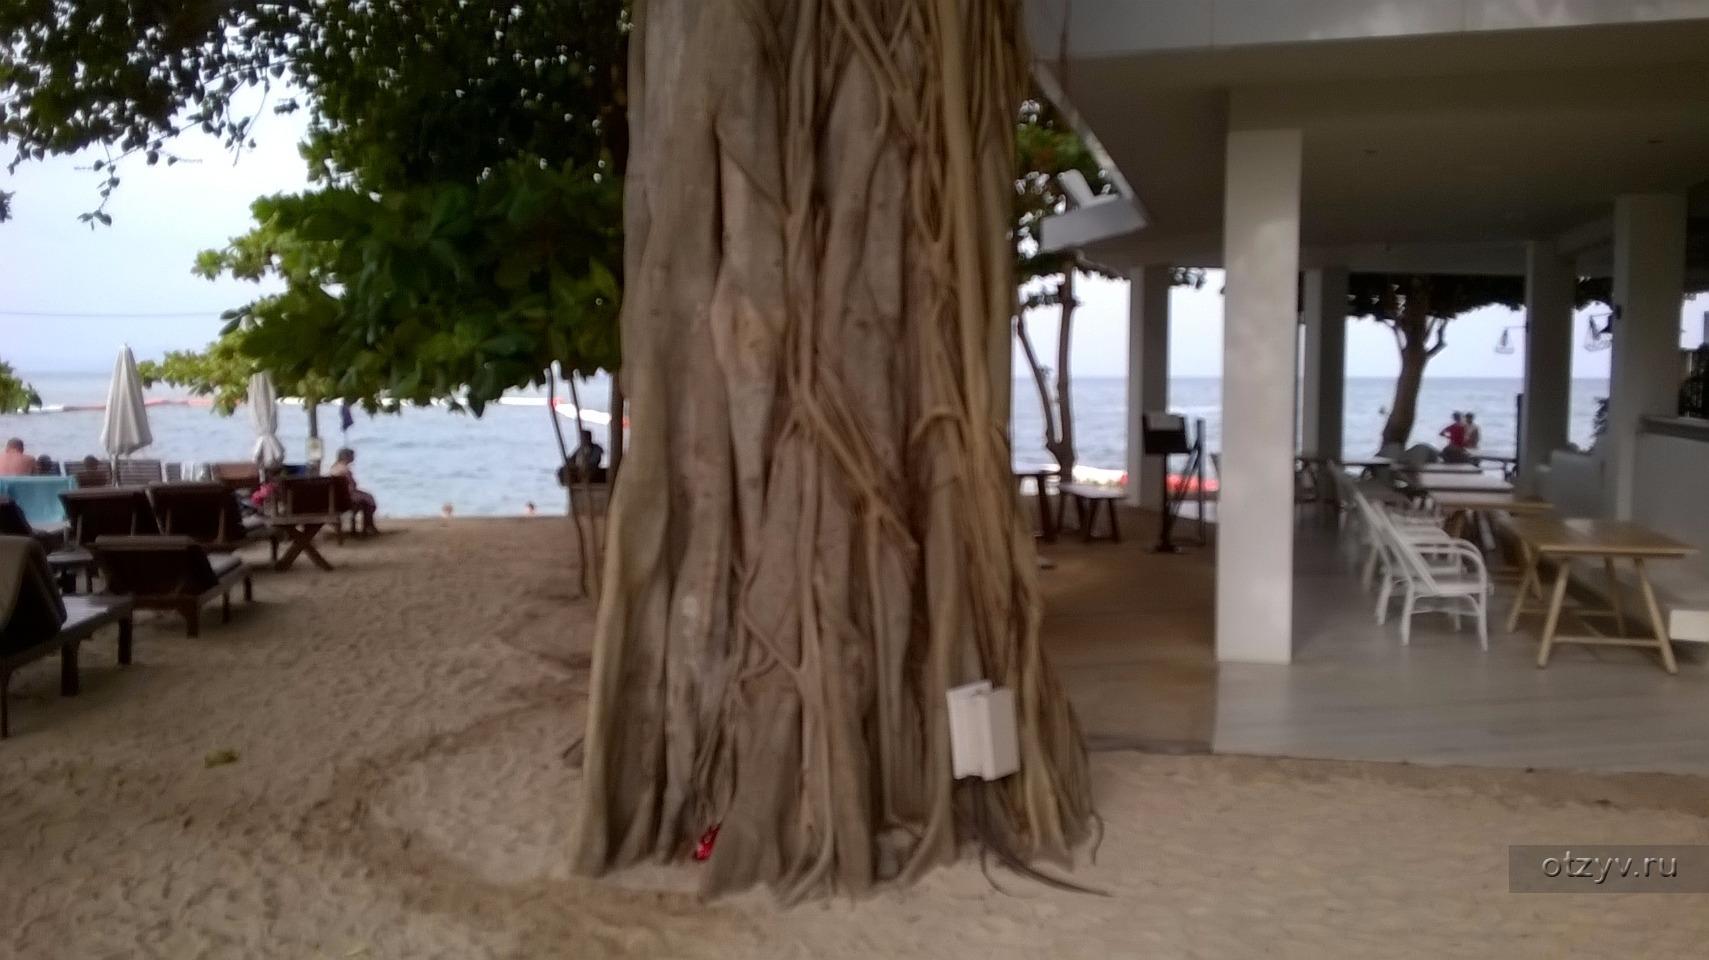 Таиланд в ноябре 2017 года / Long Beach Garden Hotel & Spa ...